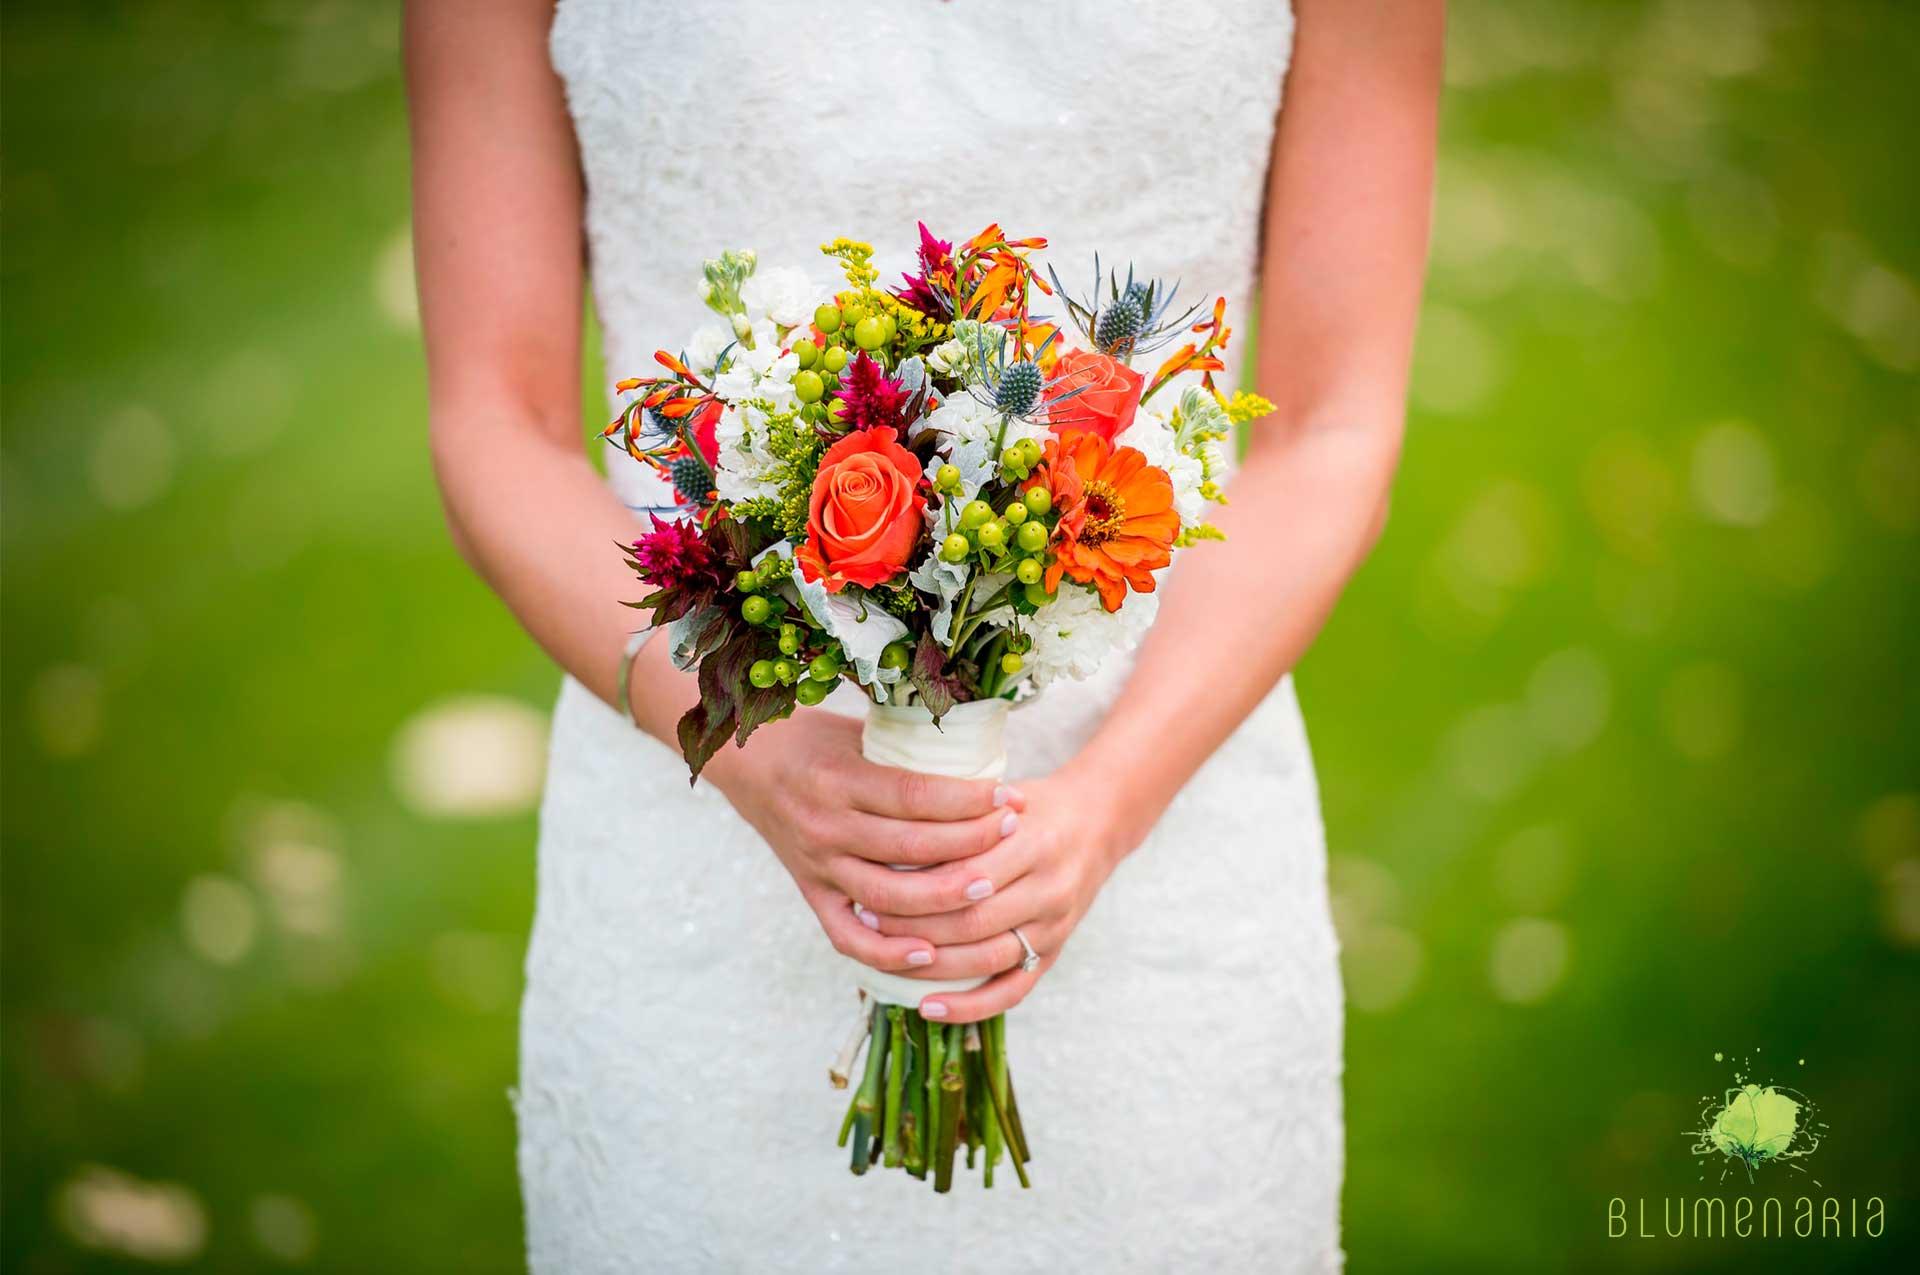 Decoración Floral Bodas - Blumenaria - Taller Floral